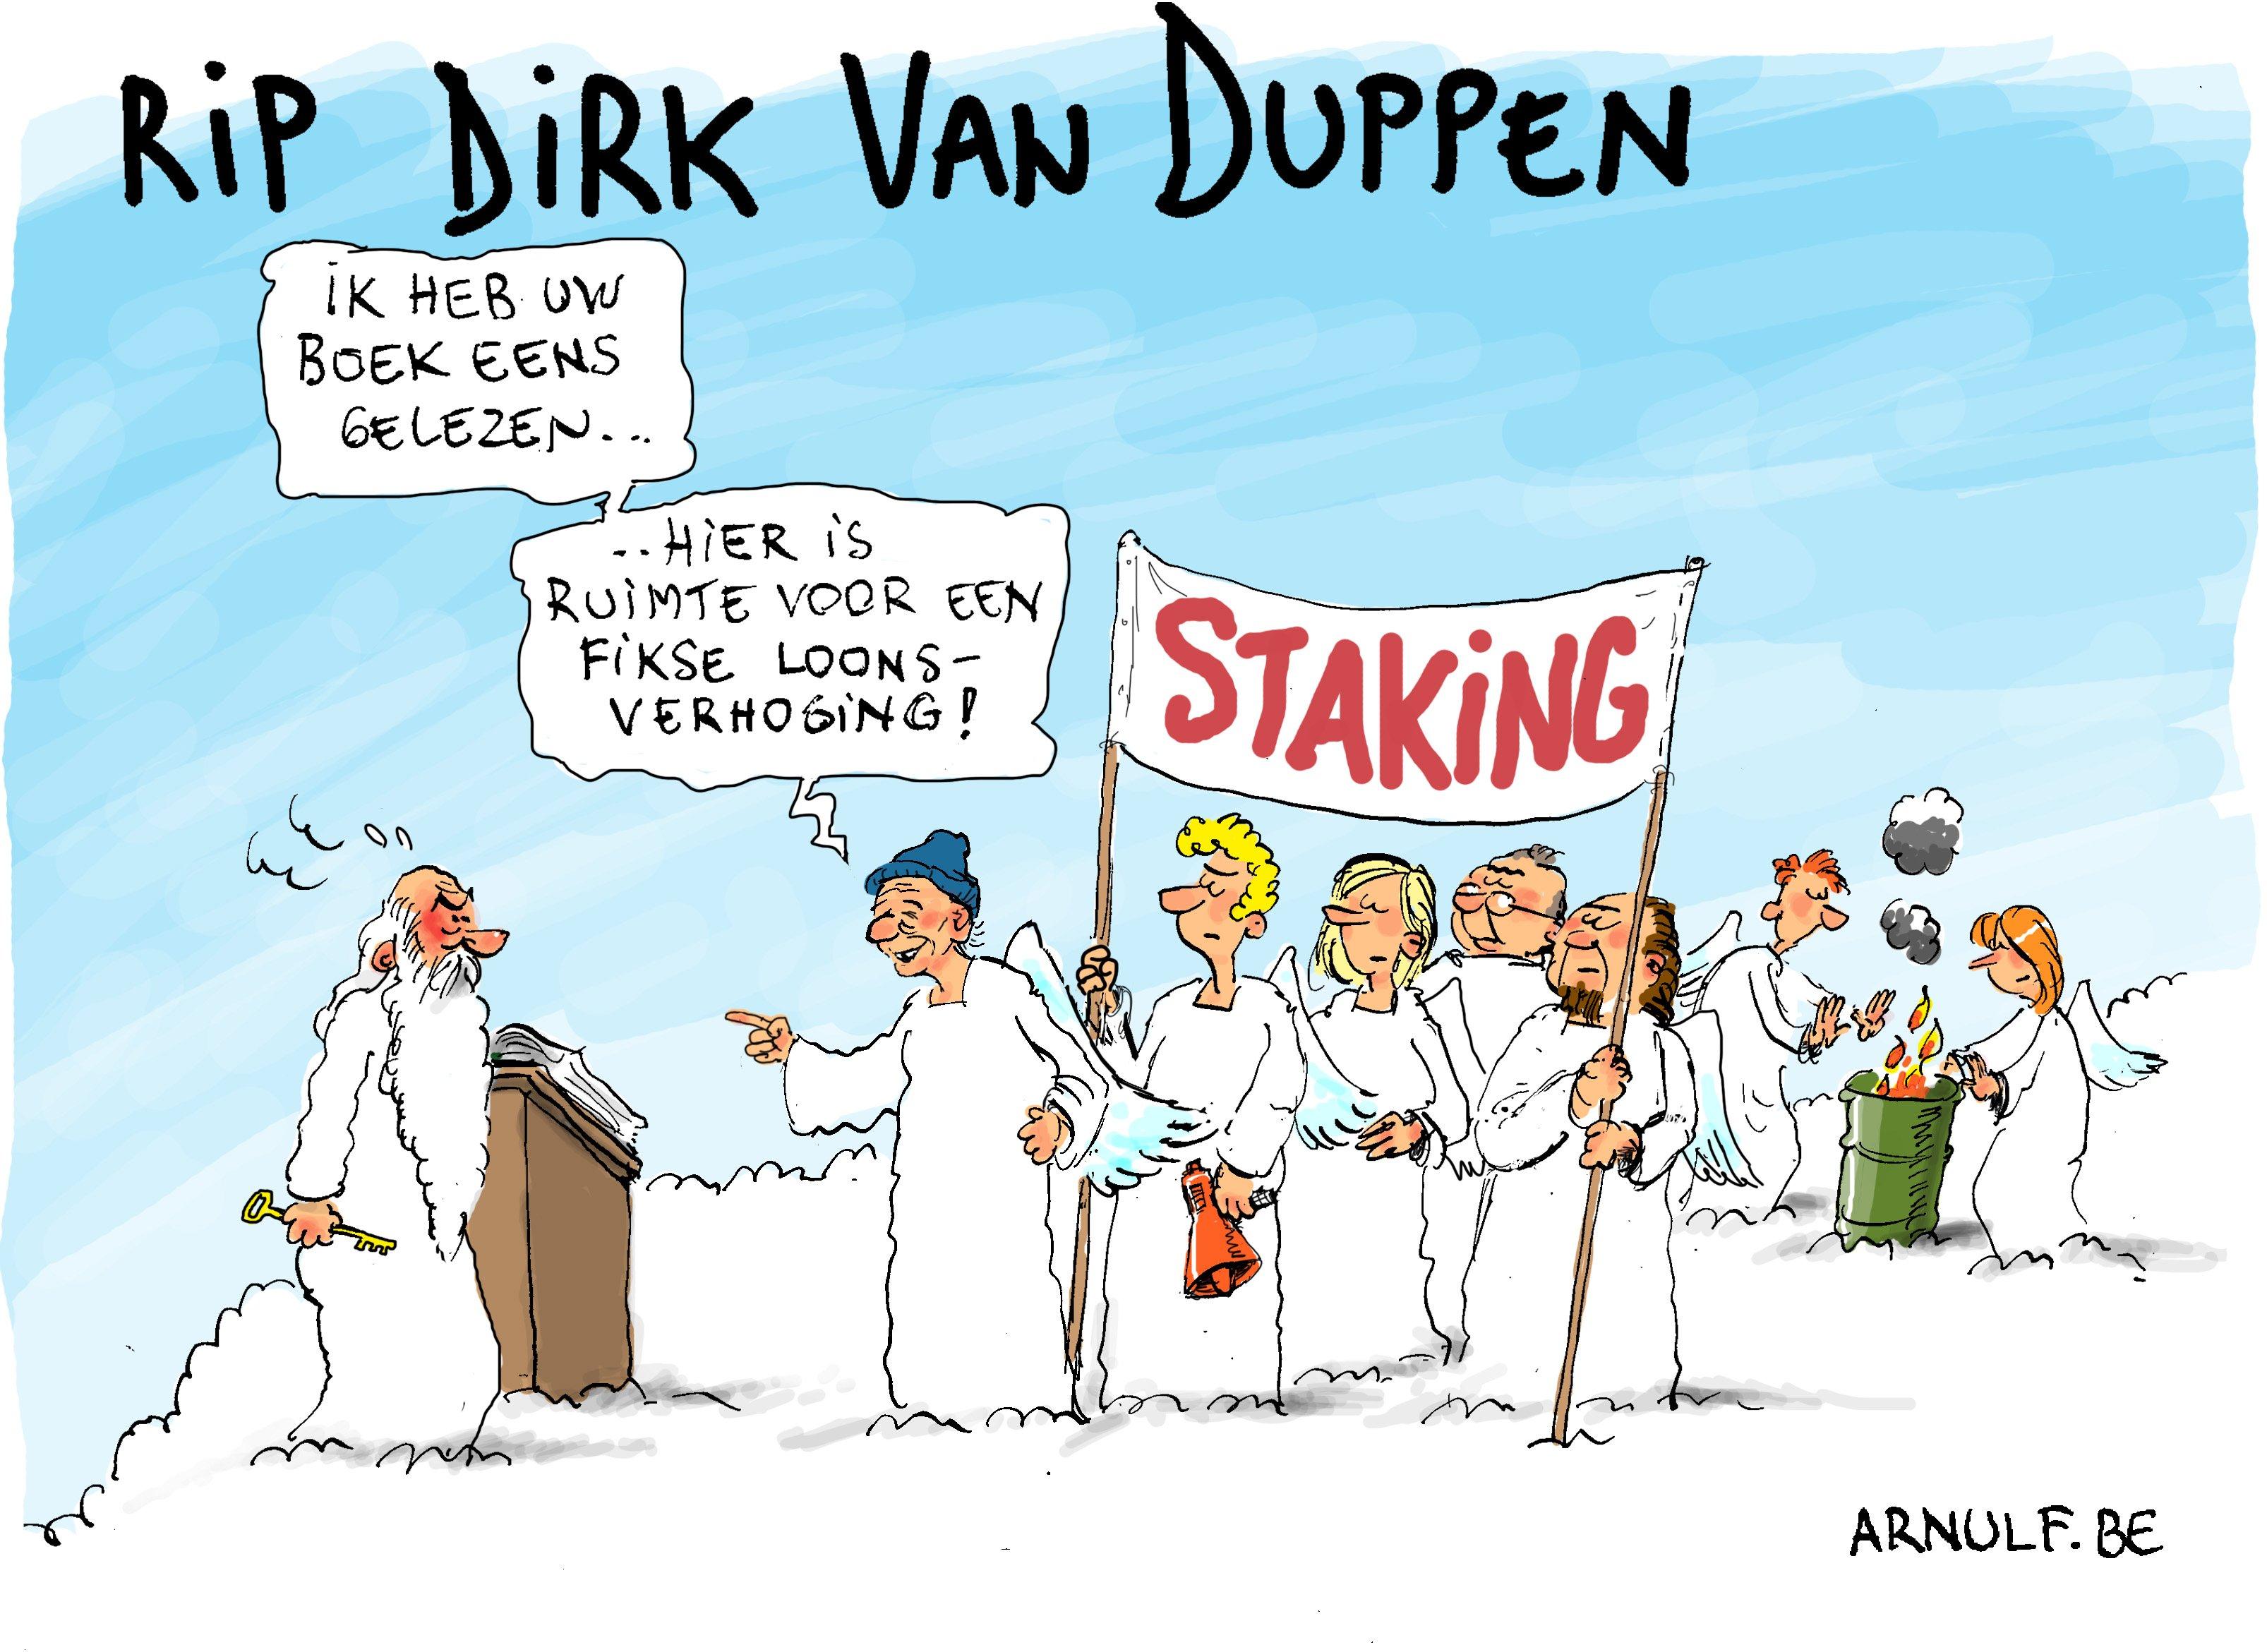 RIP Dirk Van Duppen